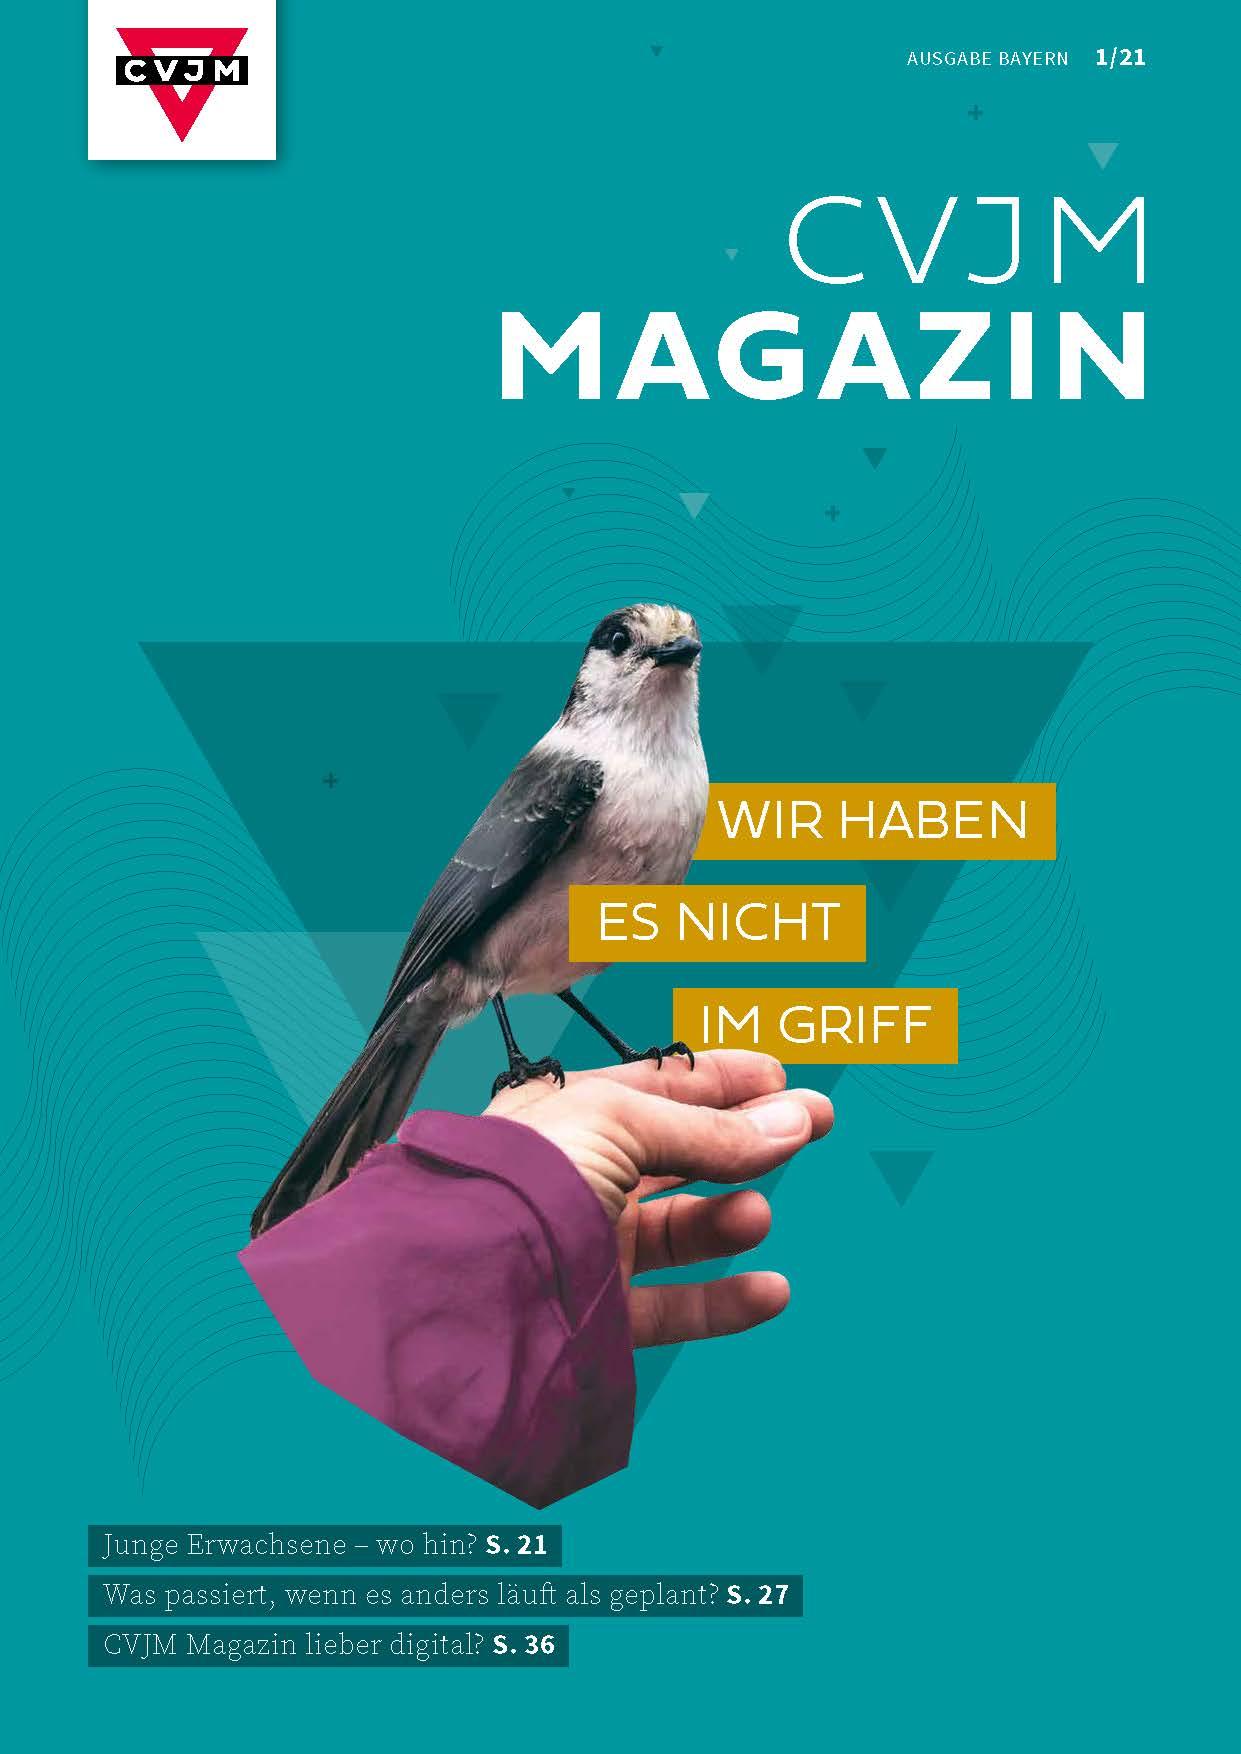 CVJM Magazin 1 21 Wir haben es nicht im Griff Bild